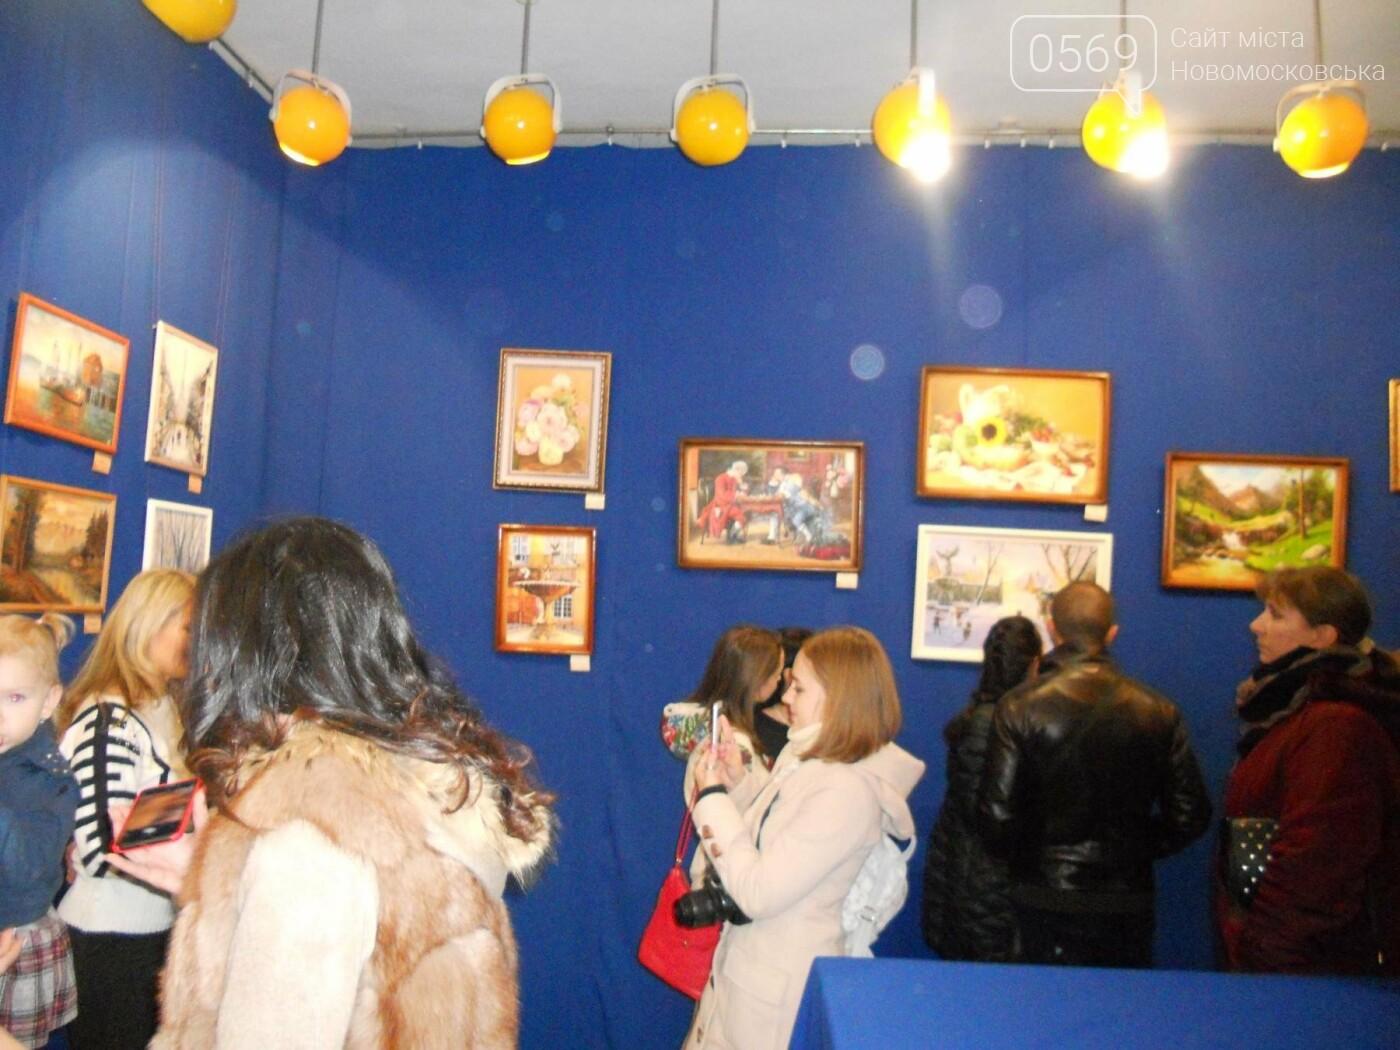 В Новомосковске открылась выставка молодых художников, фото-15